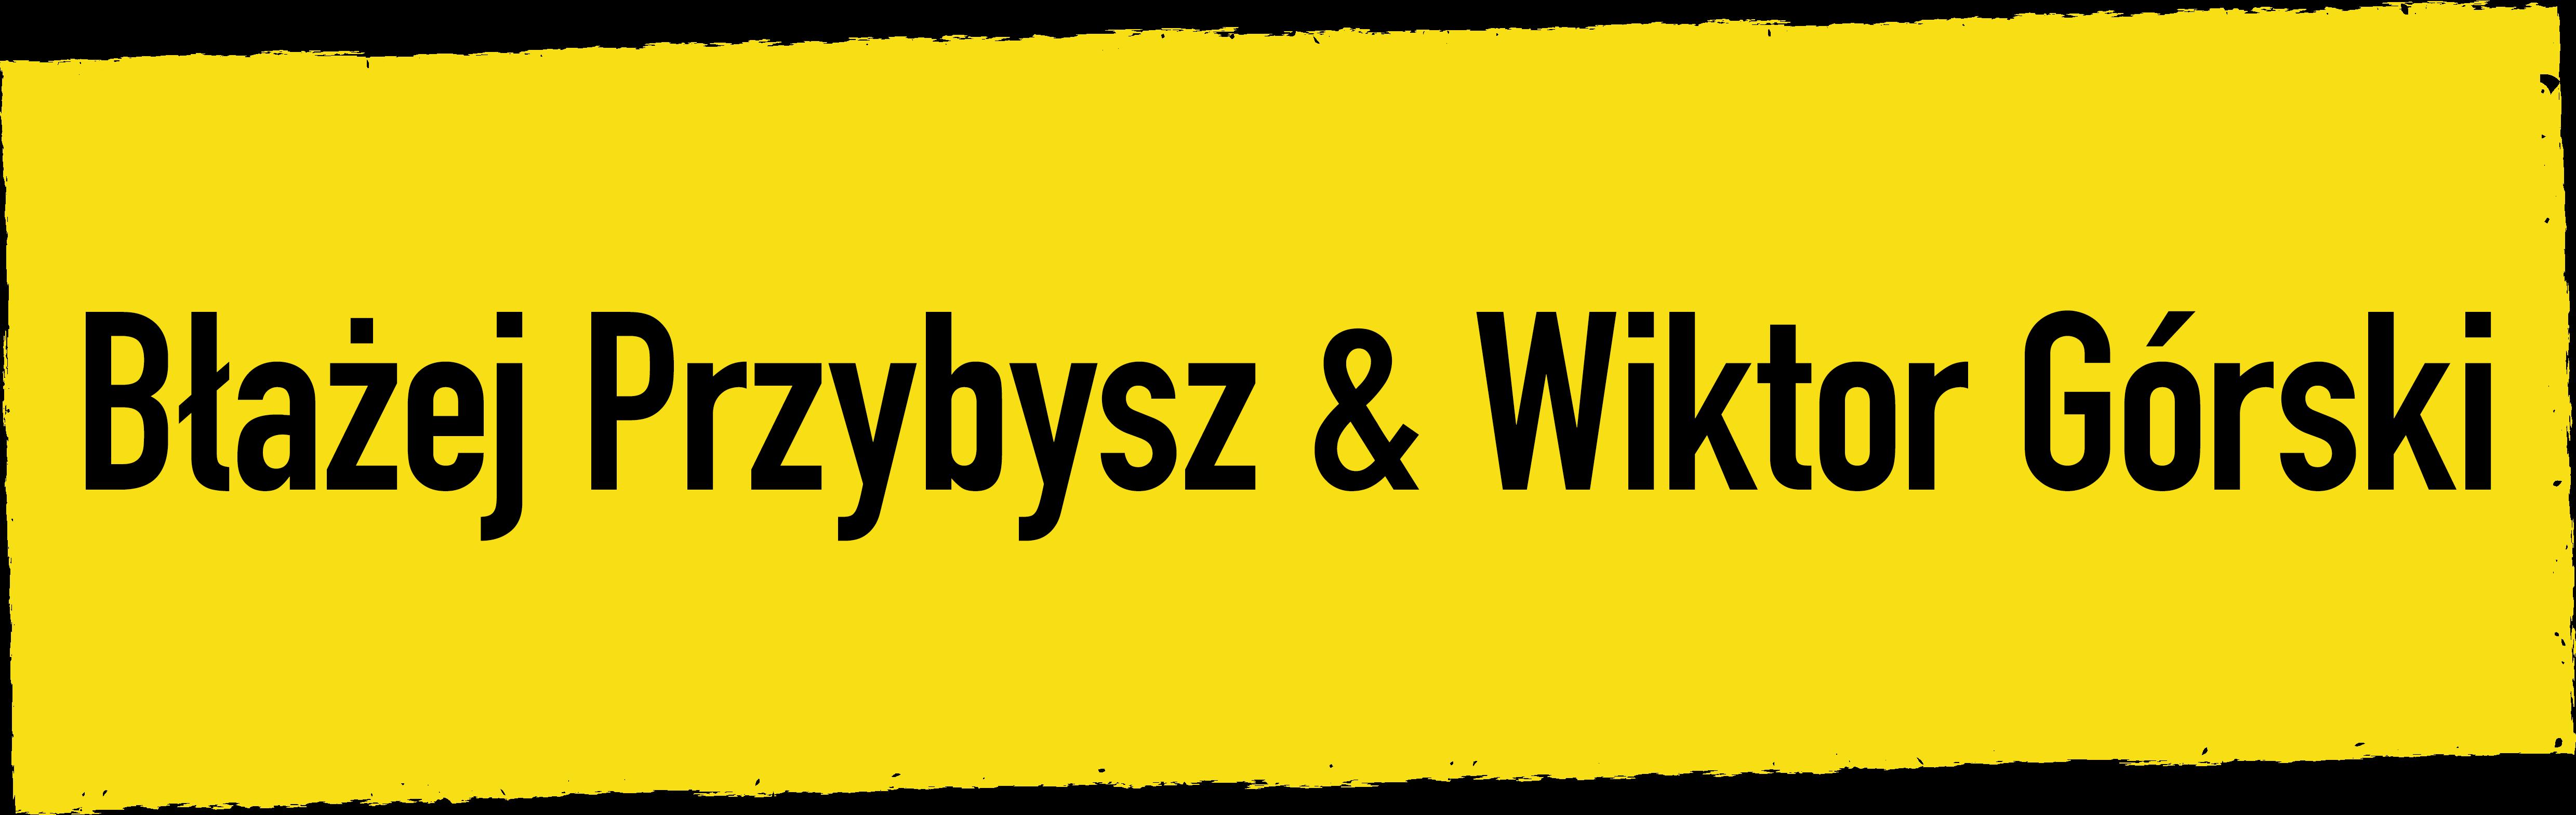 Wiktor Górski & Błażej Przybysz